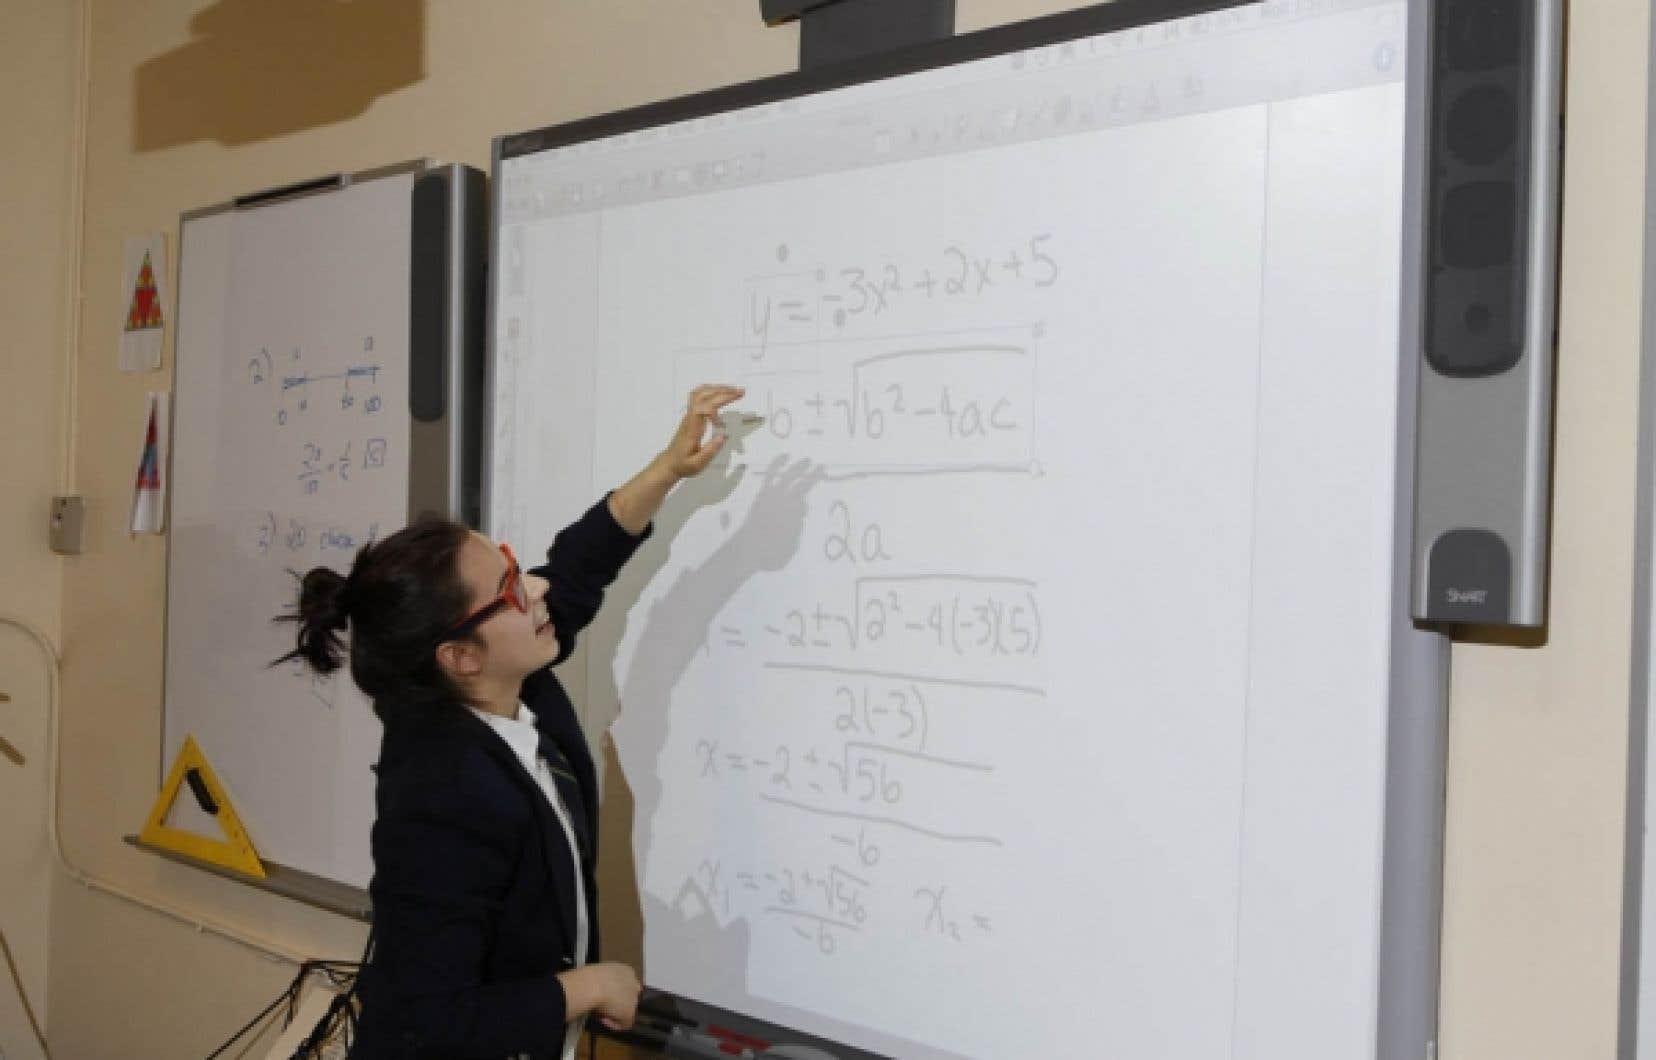 Une élève en quatrième secondaire utilise le «SMART board» dans son cours de mathématiques (toutes les salles de classe sont équipées de ce système).